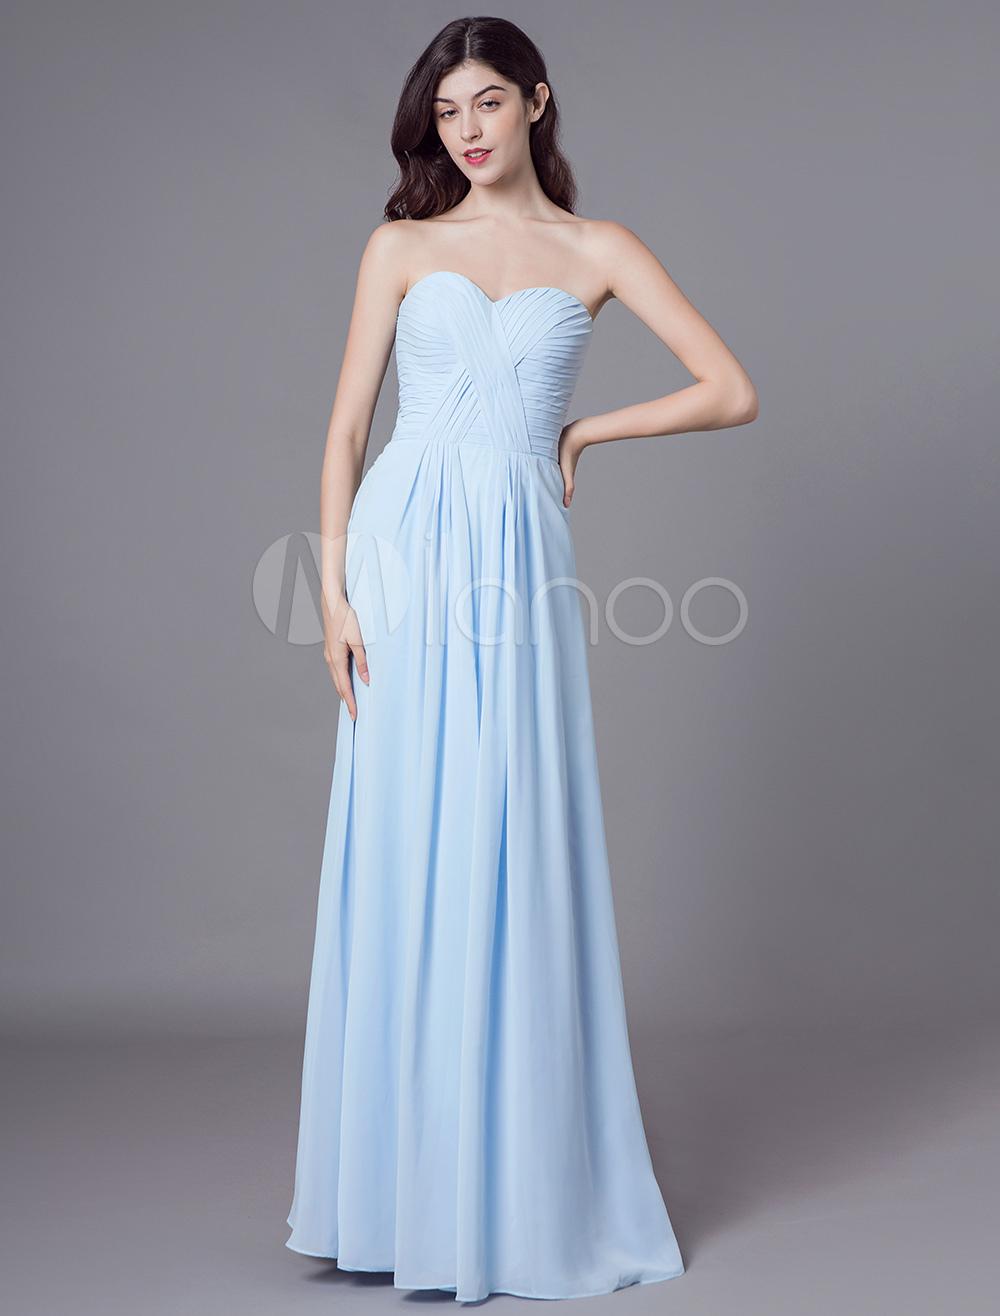 brand new 11216 1902f Abiti da damigella d'onore Abiti da cerimonia lunghi lunghi blu pastello  con scollo a cuore senza spalline